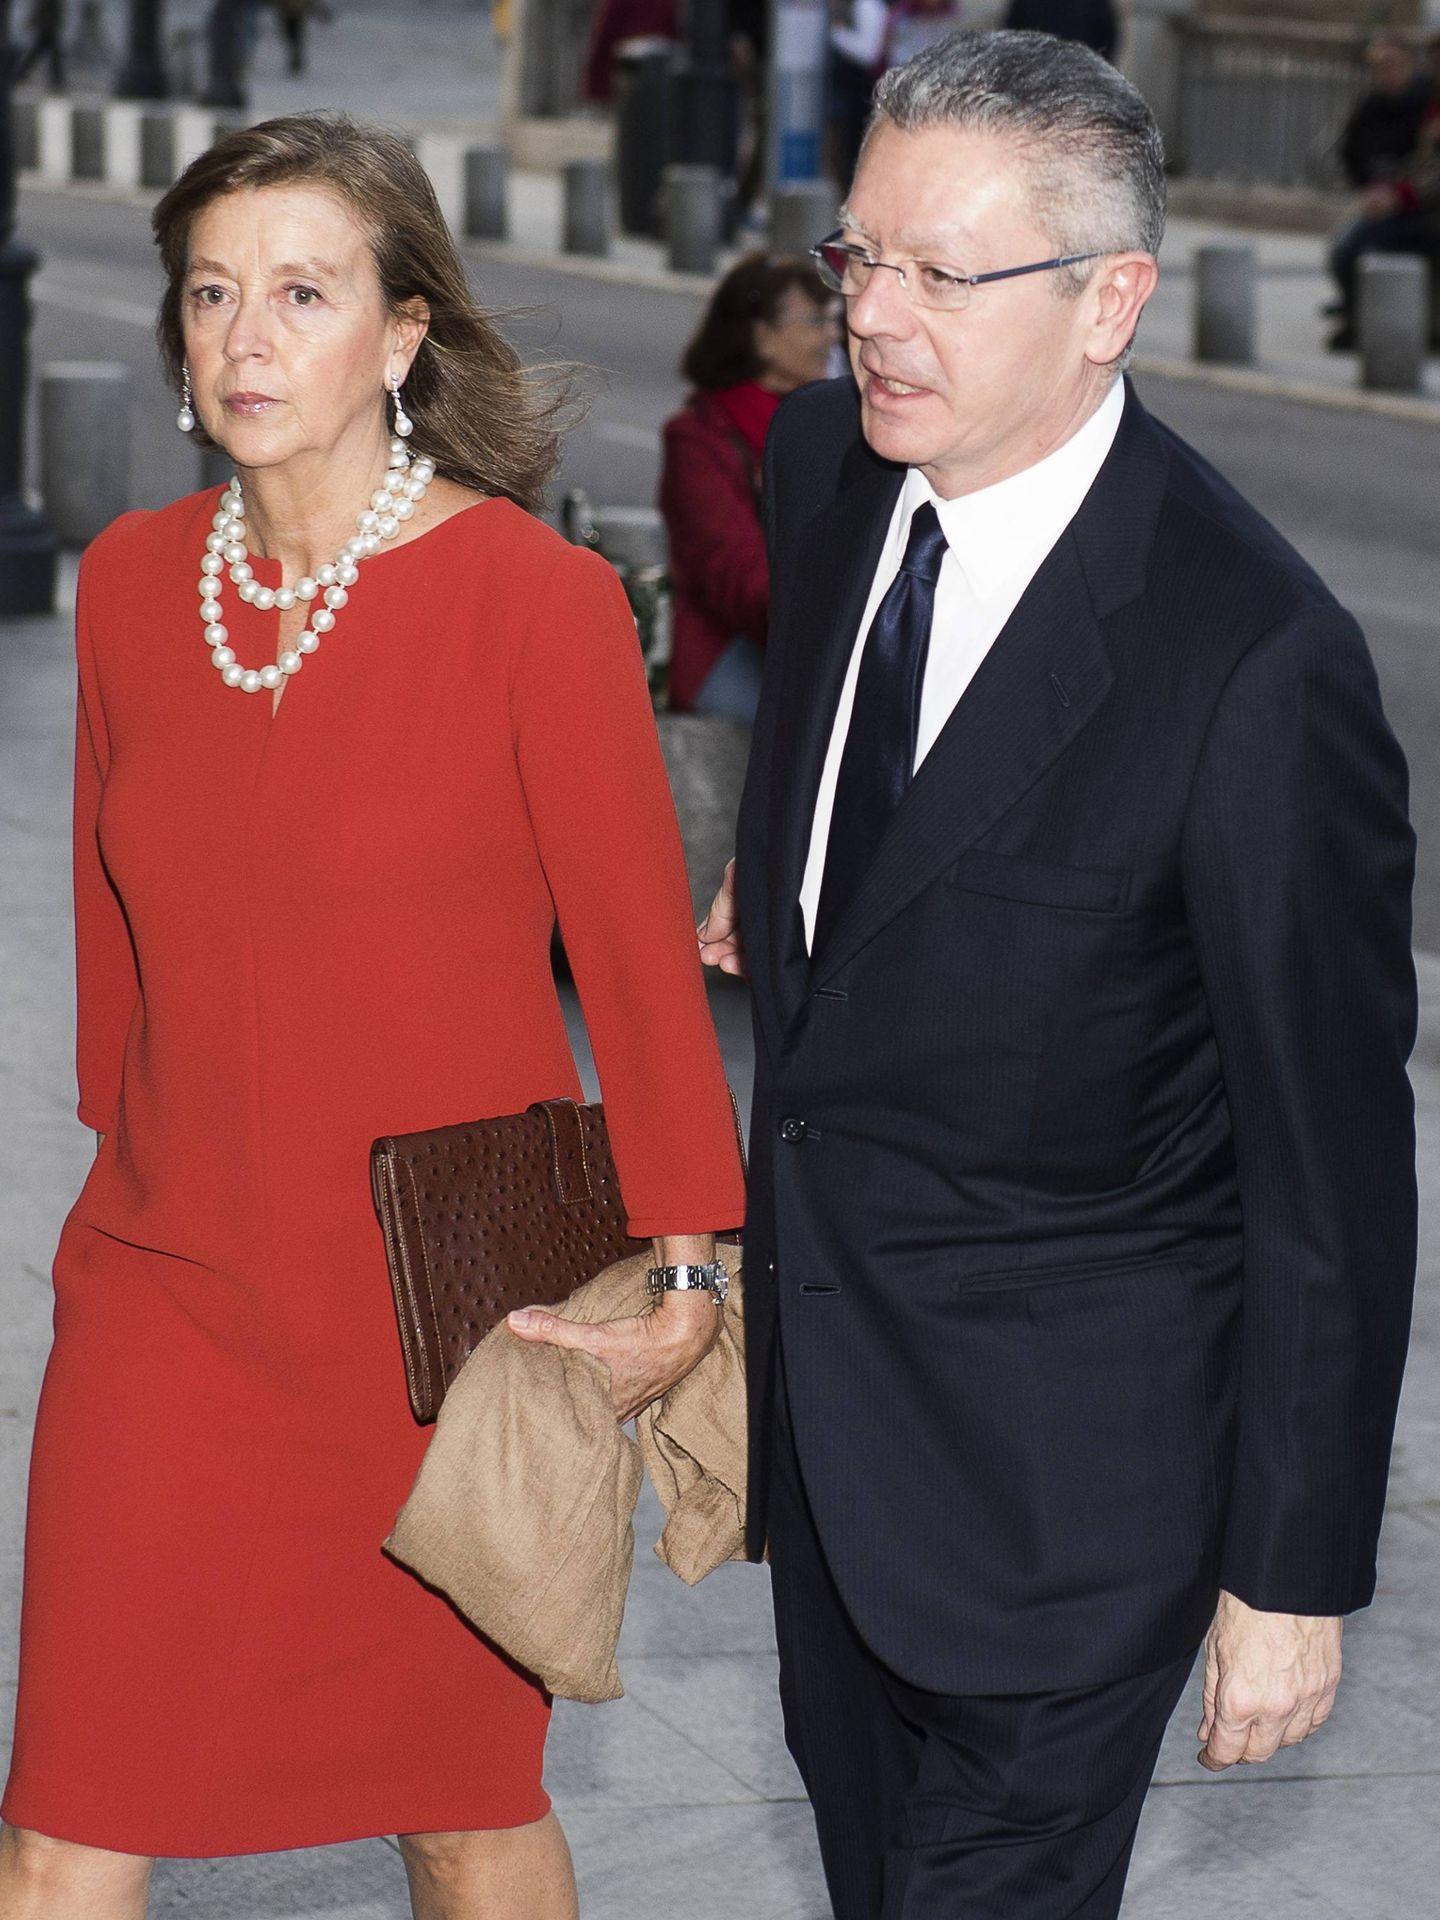 Alberto Ruiz-Gallardón y Mar Utrera. (Cordon Press)